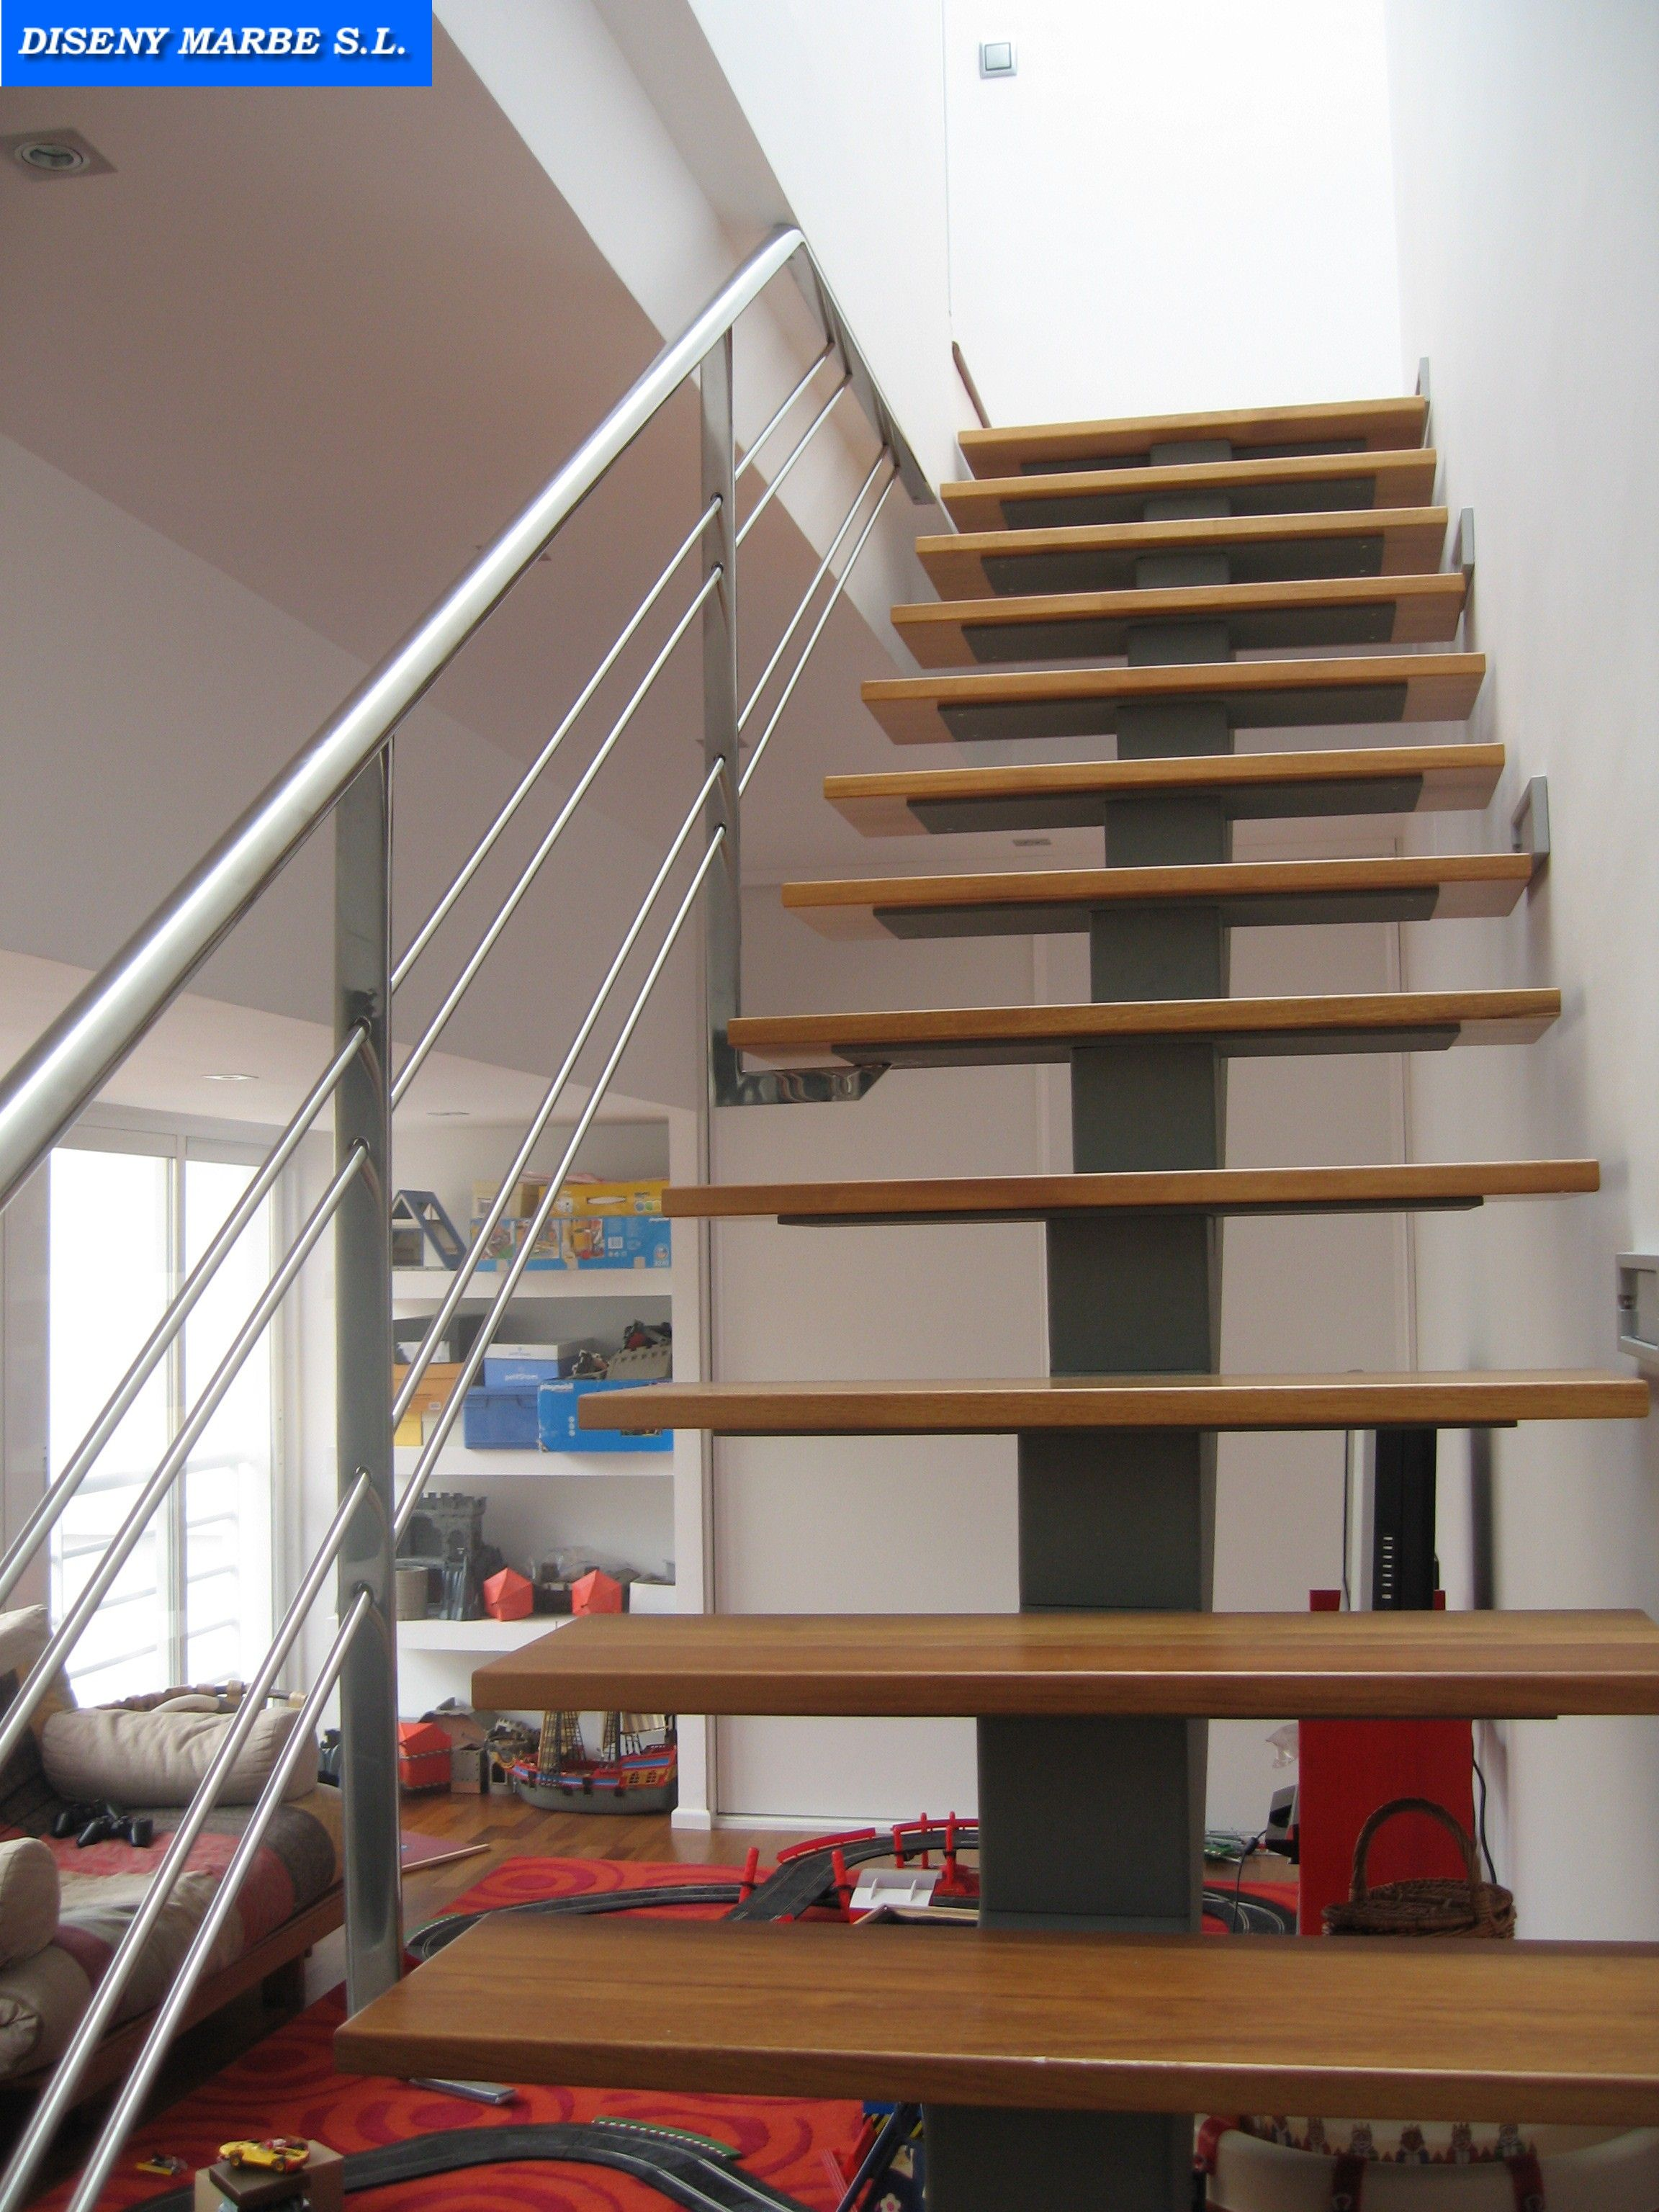 Barandilla escalera de acero inoxidable pasamano redondo - Escaleras de hierro y madera para interiores ...